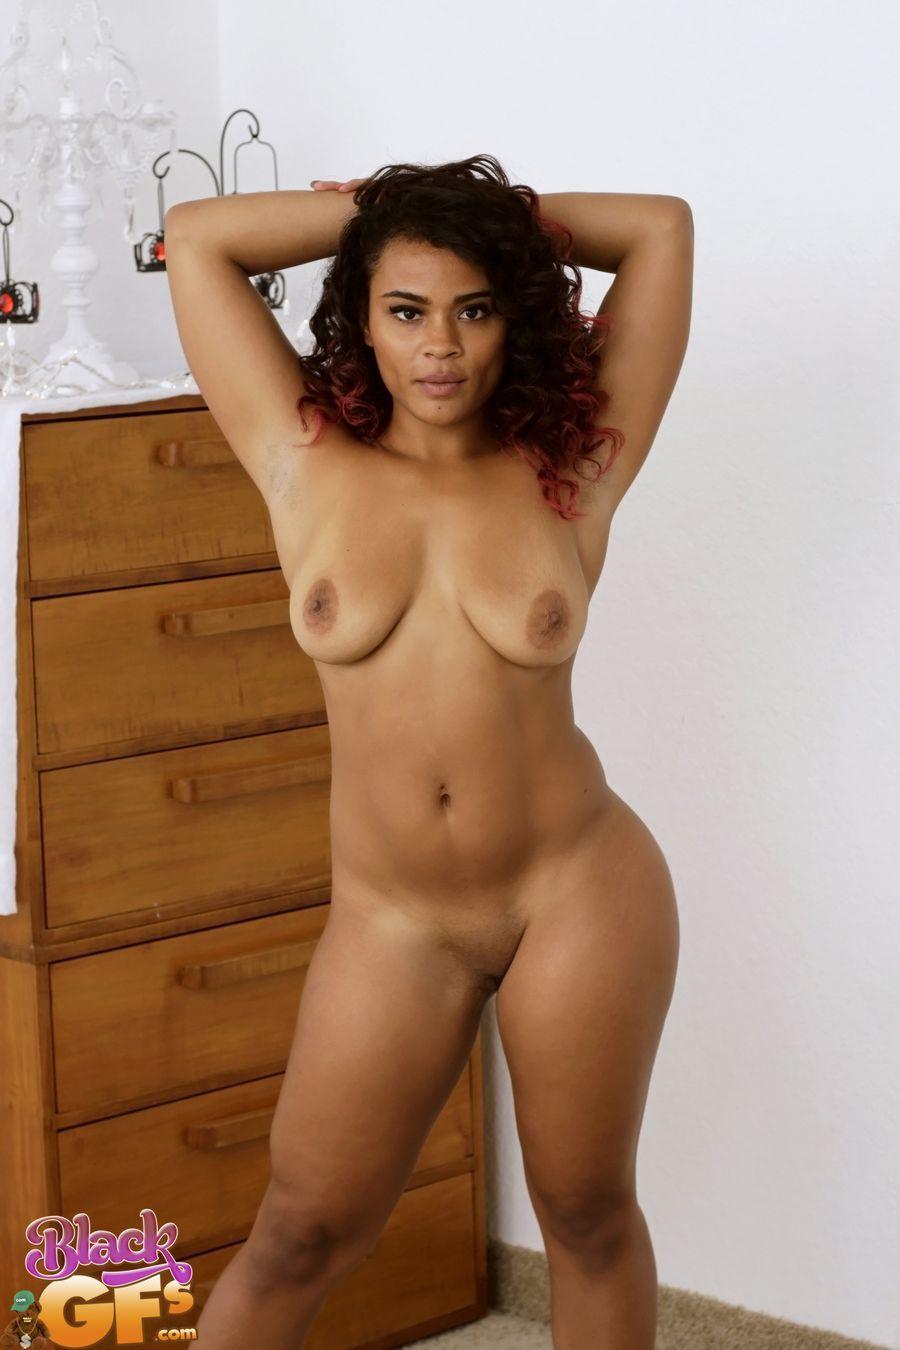 Lela star big tits at school 3